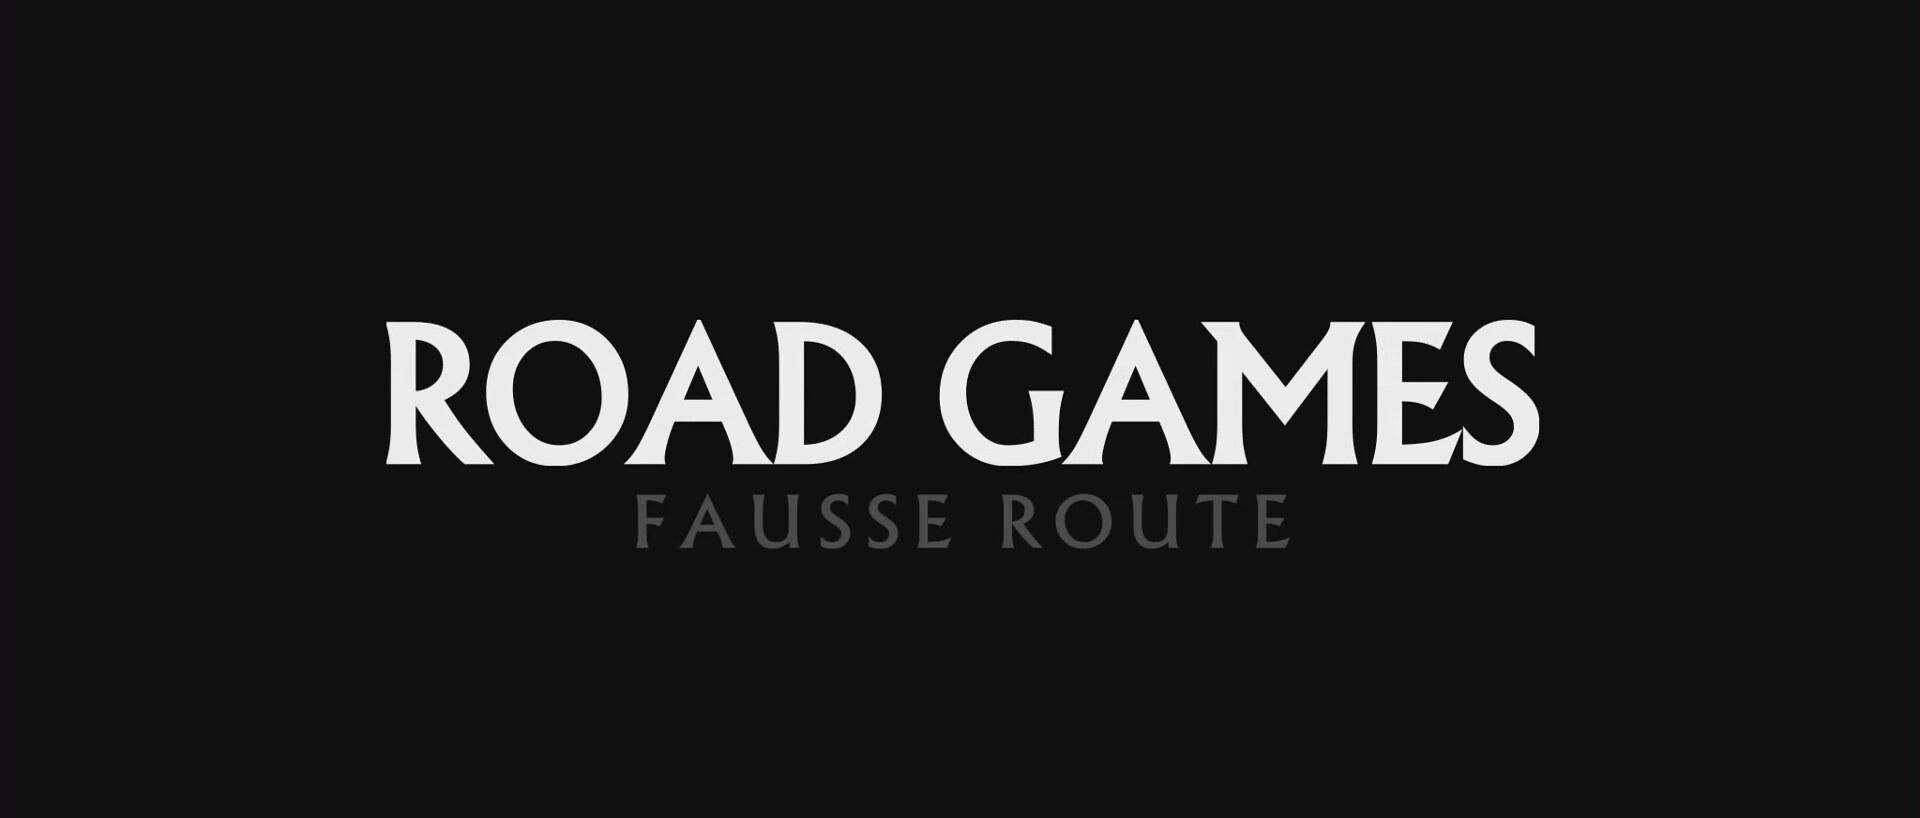 Road Games 2015 Teaser Fragman